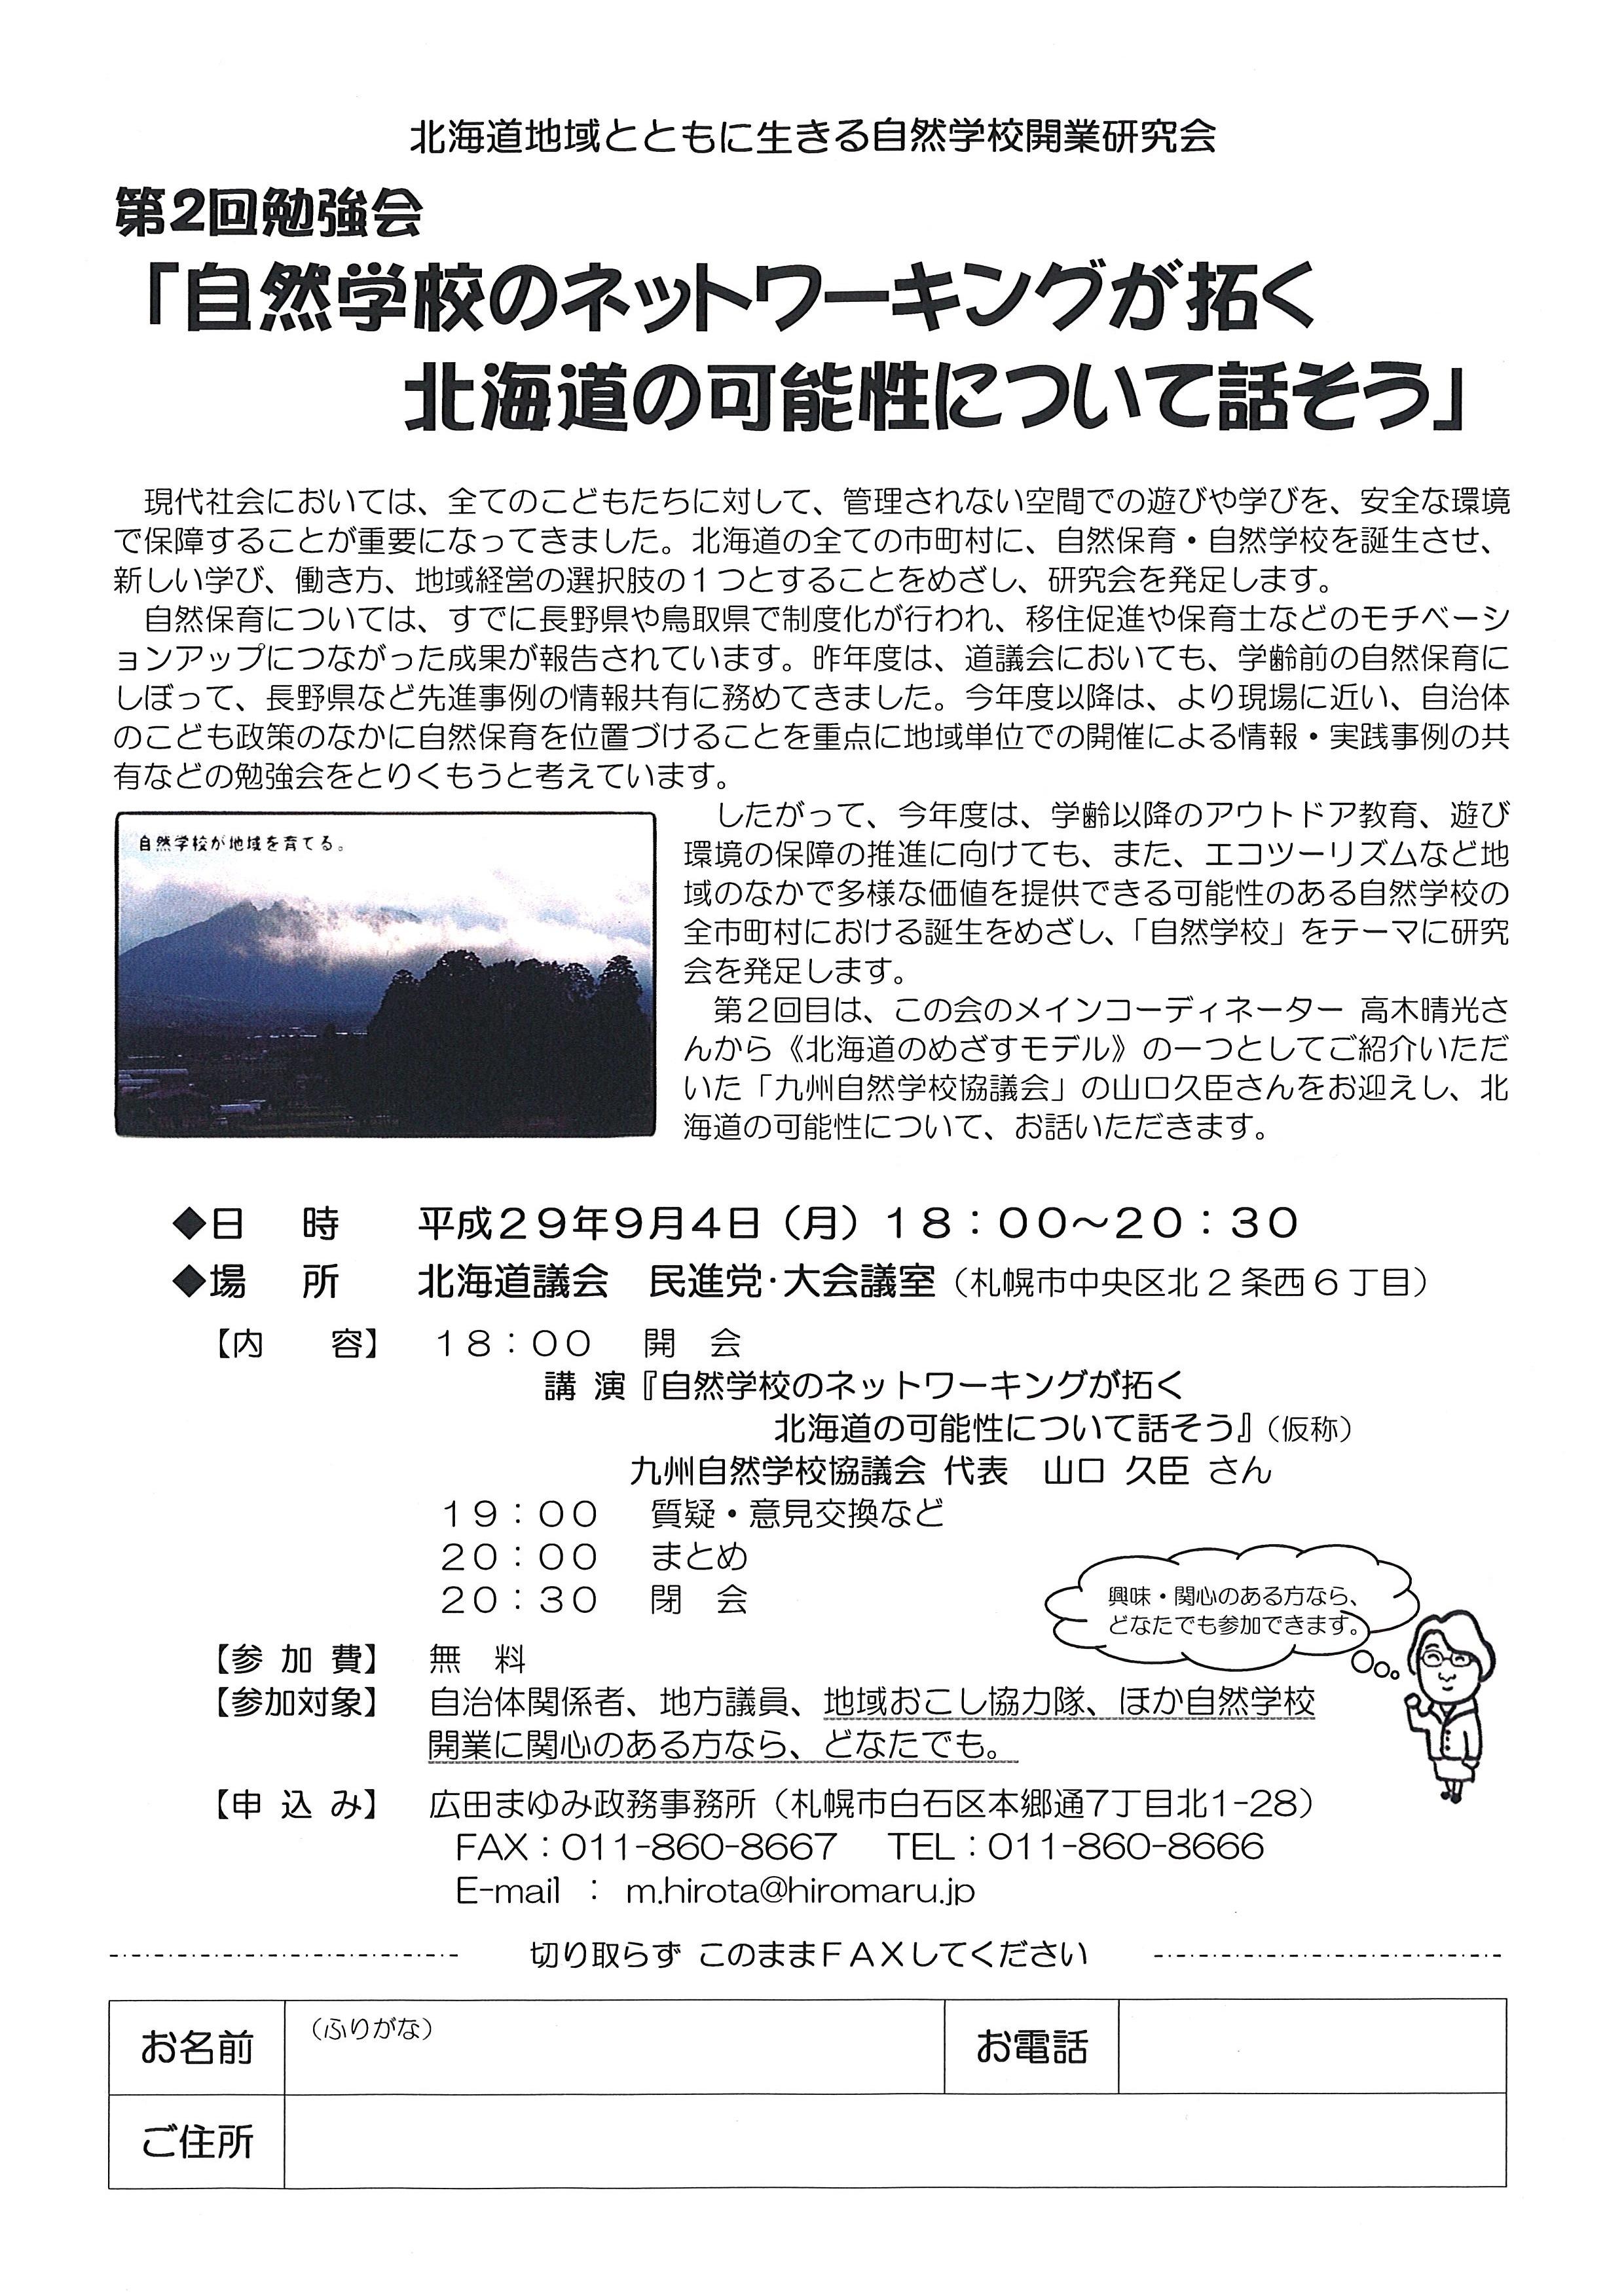 【ご案内】北海道地域とともに生きる自然学校開業研究会 第2回勉強会